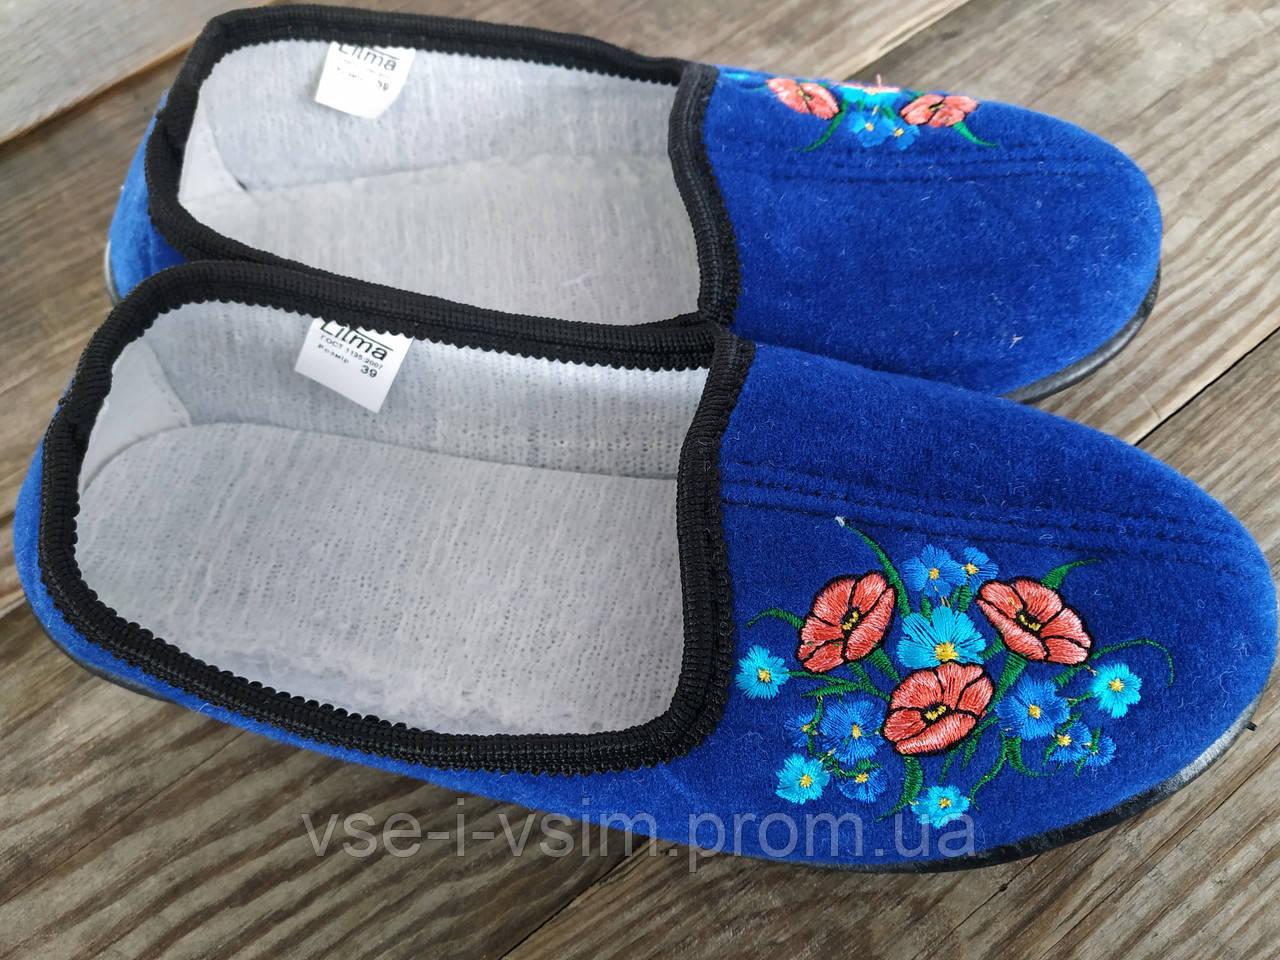 Тапочки Litma Женские 41 размер